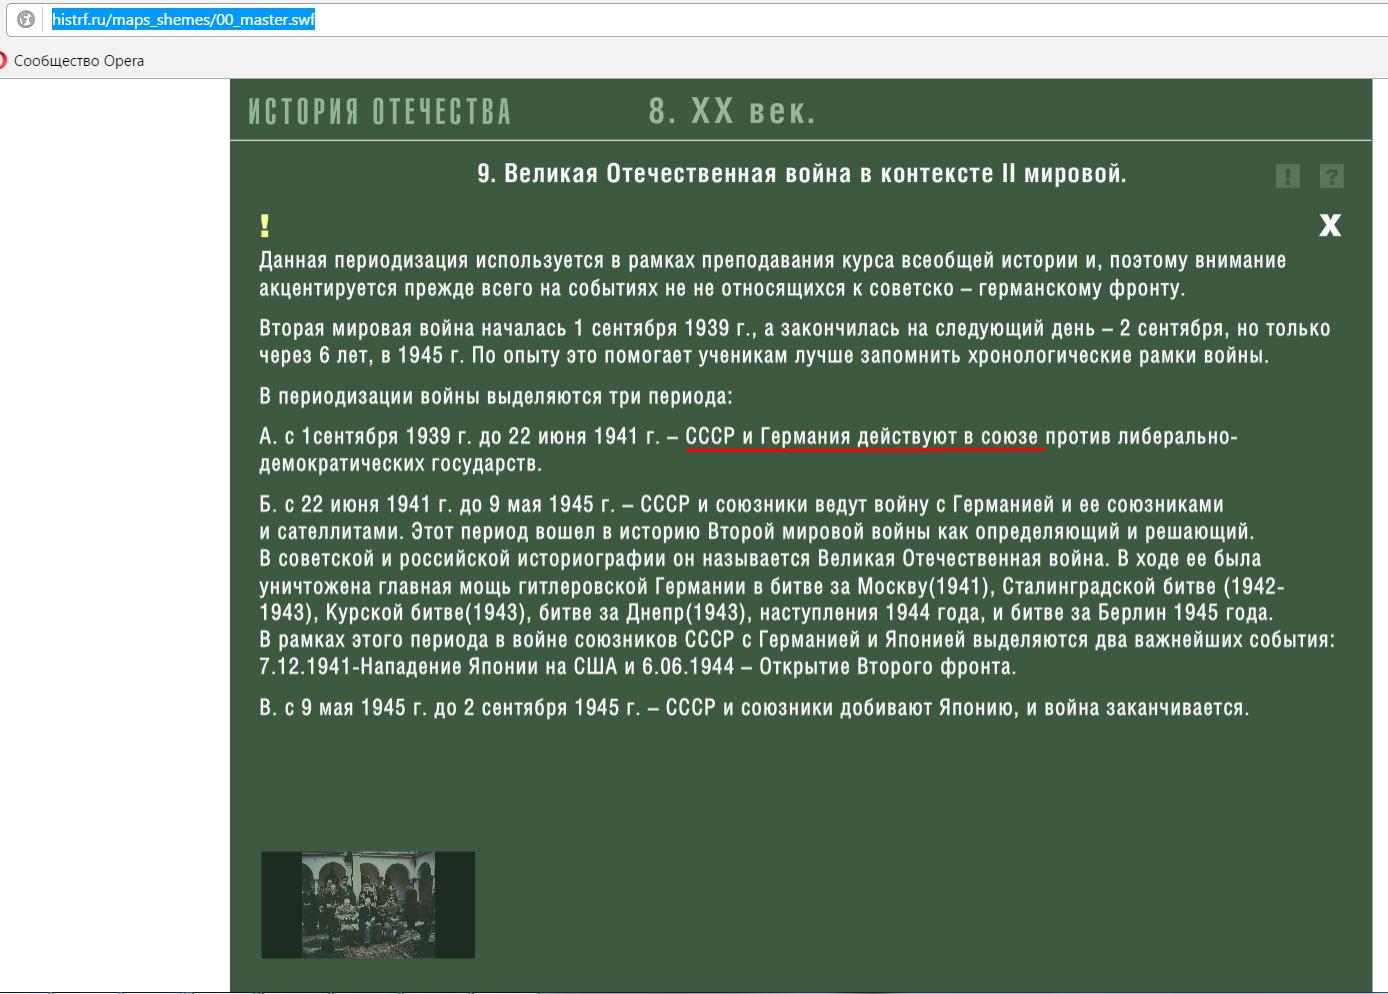 Минские соглашения еще не исчерпали себя, - посол Украины в Беларуси - Цензор.НЕТ 8660